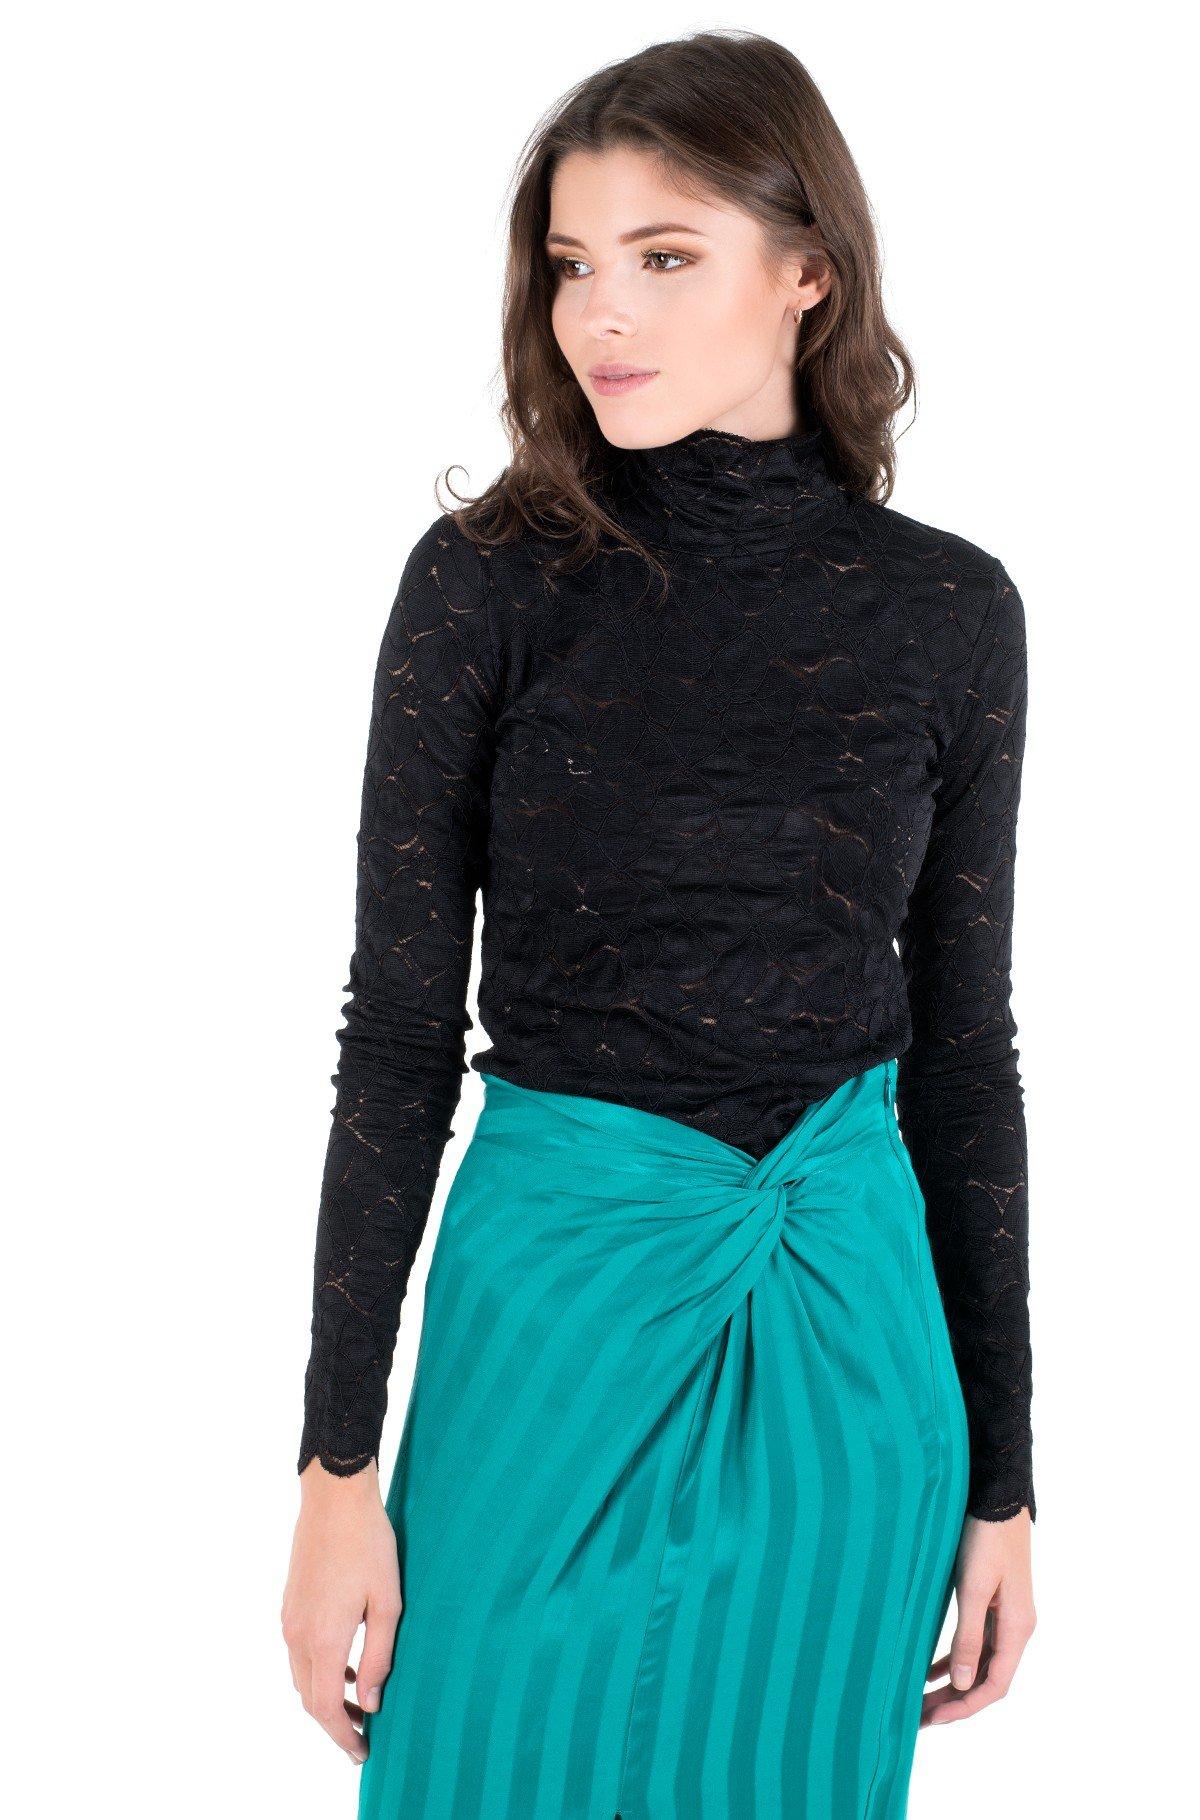 Shirt SK3907H20-full-1